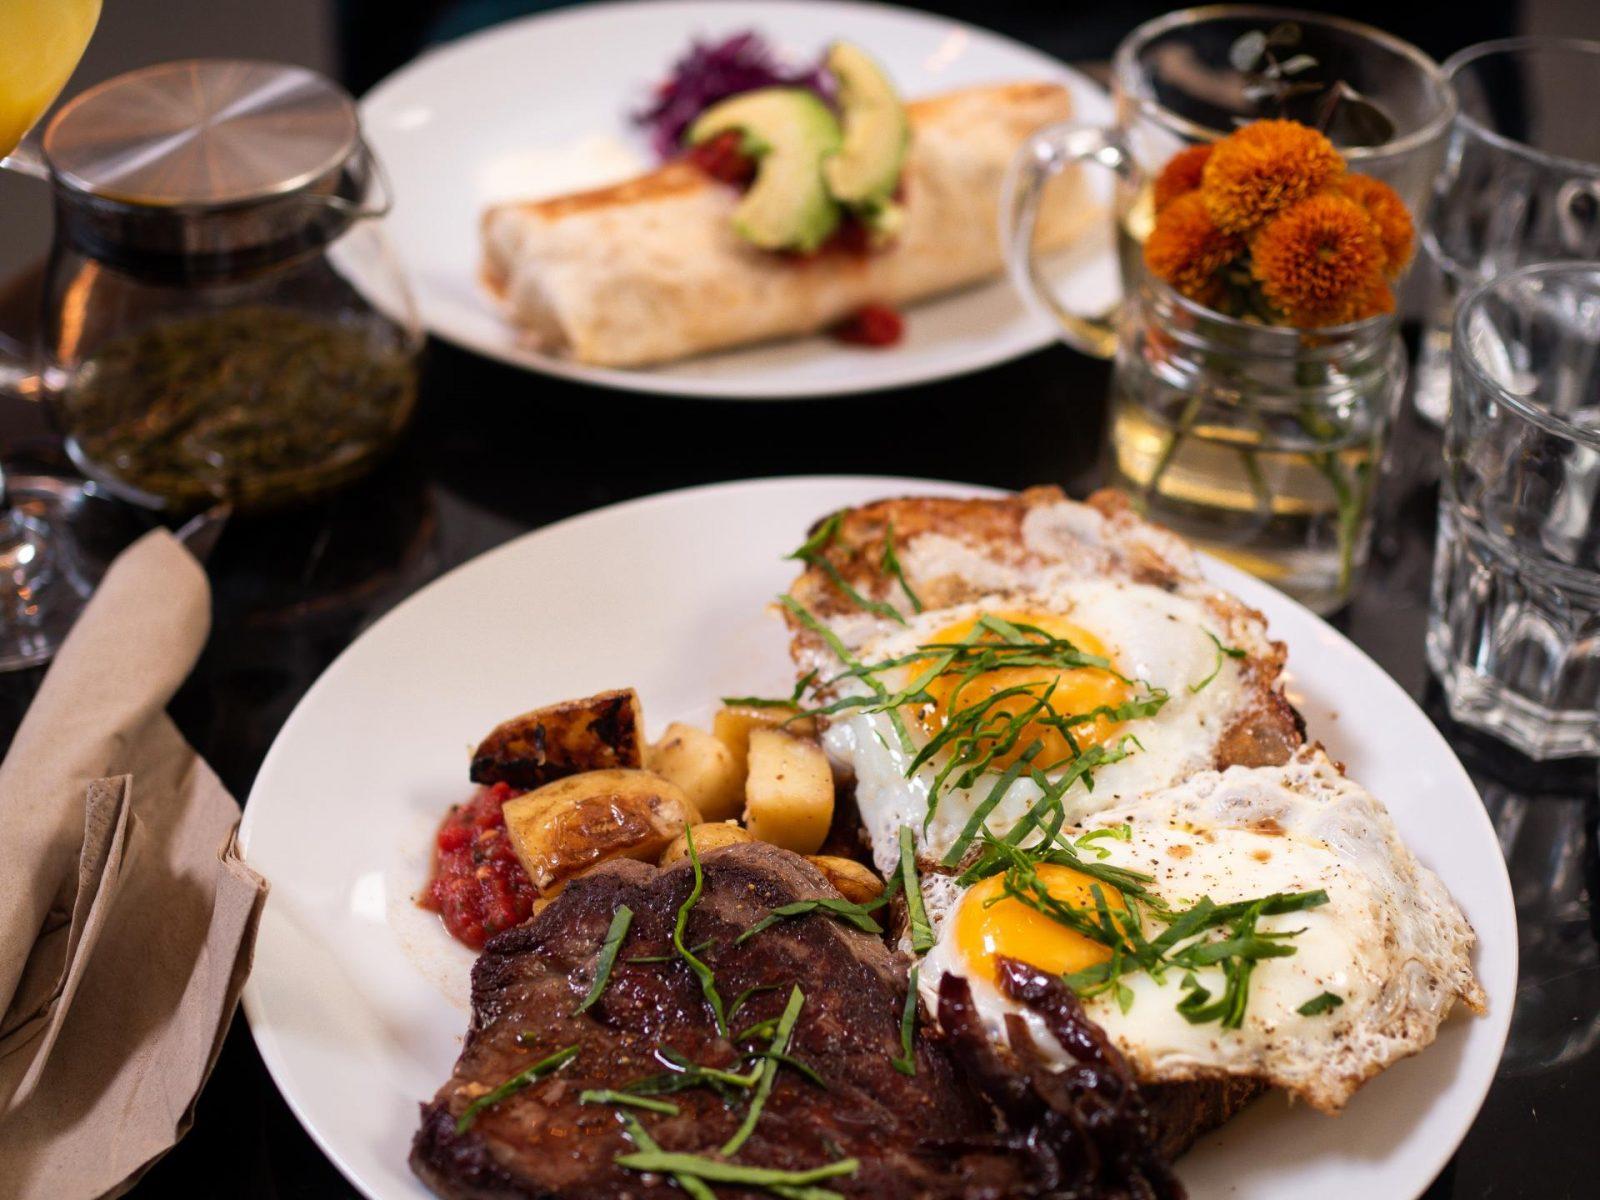 Steak and eggs at The Coocoo's Nest brunch, Reykjavik